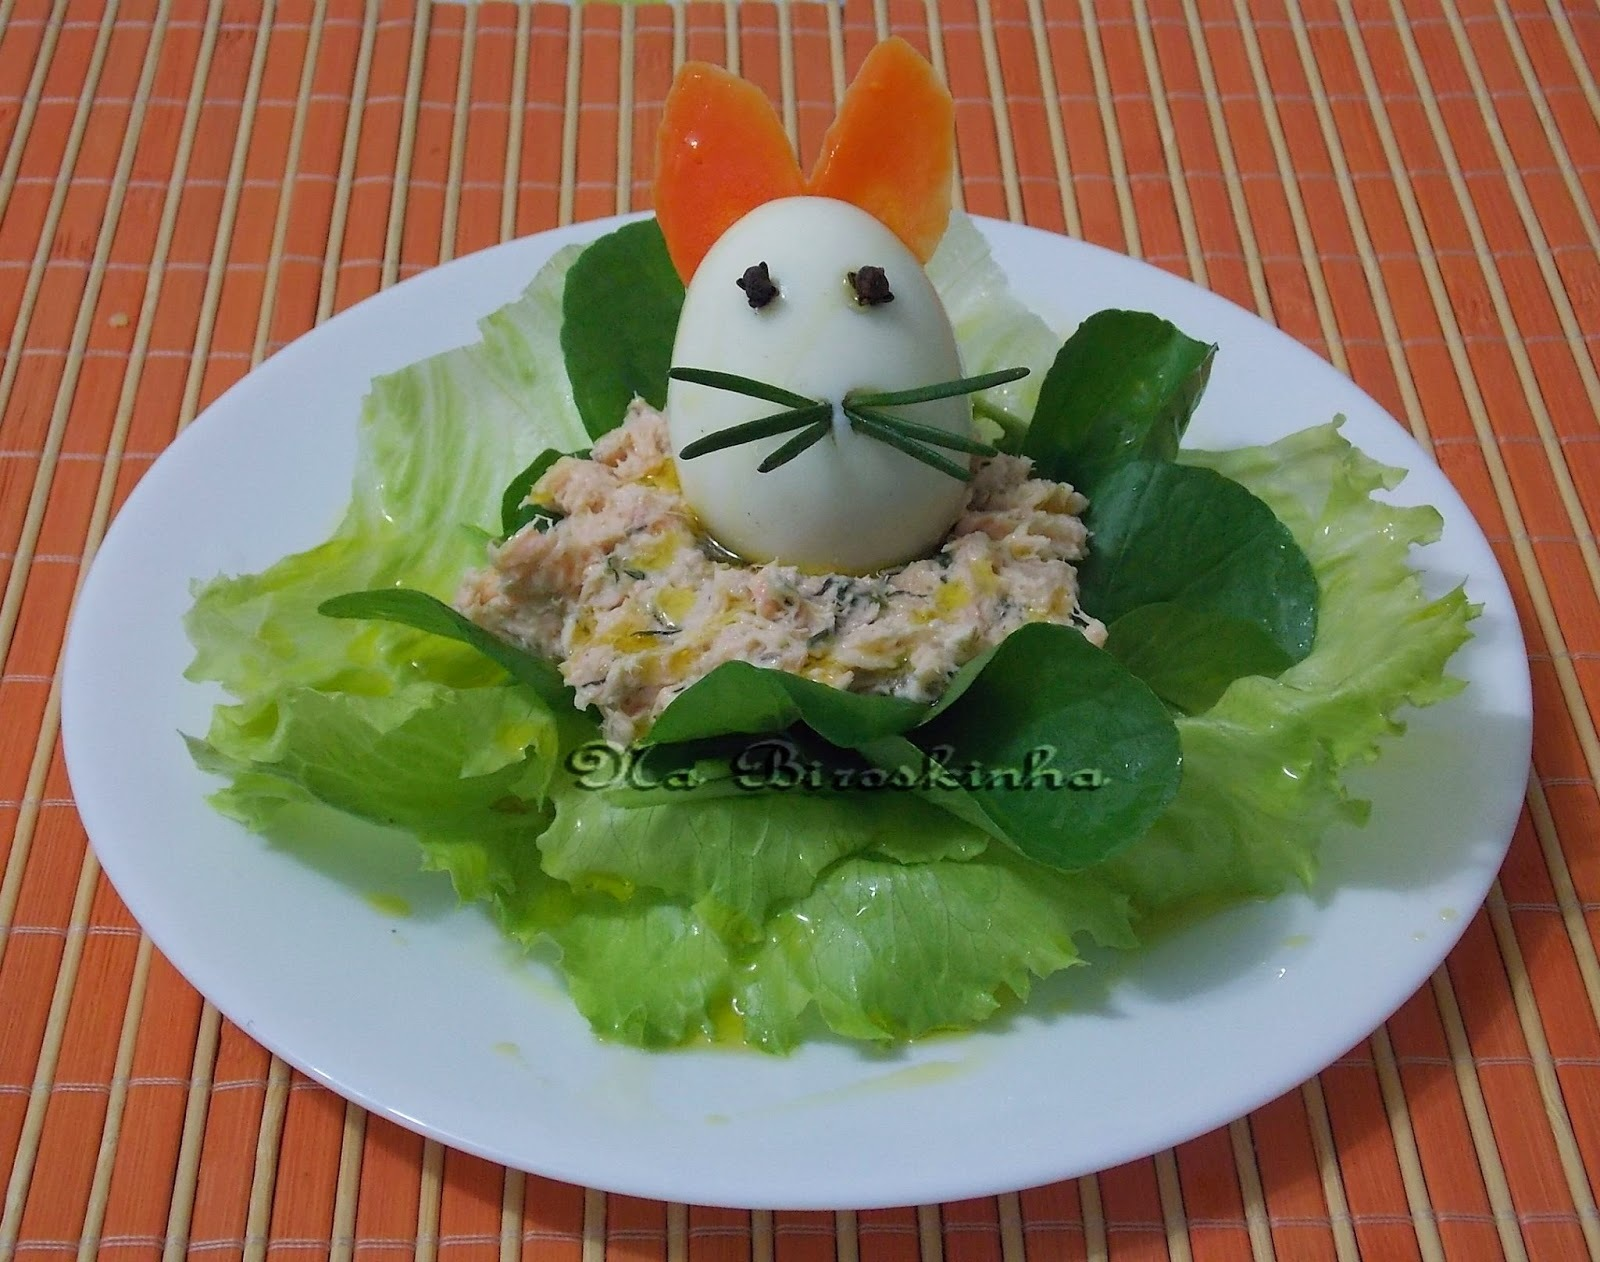 Coelhinho de Ovo com Salada de Salmão